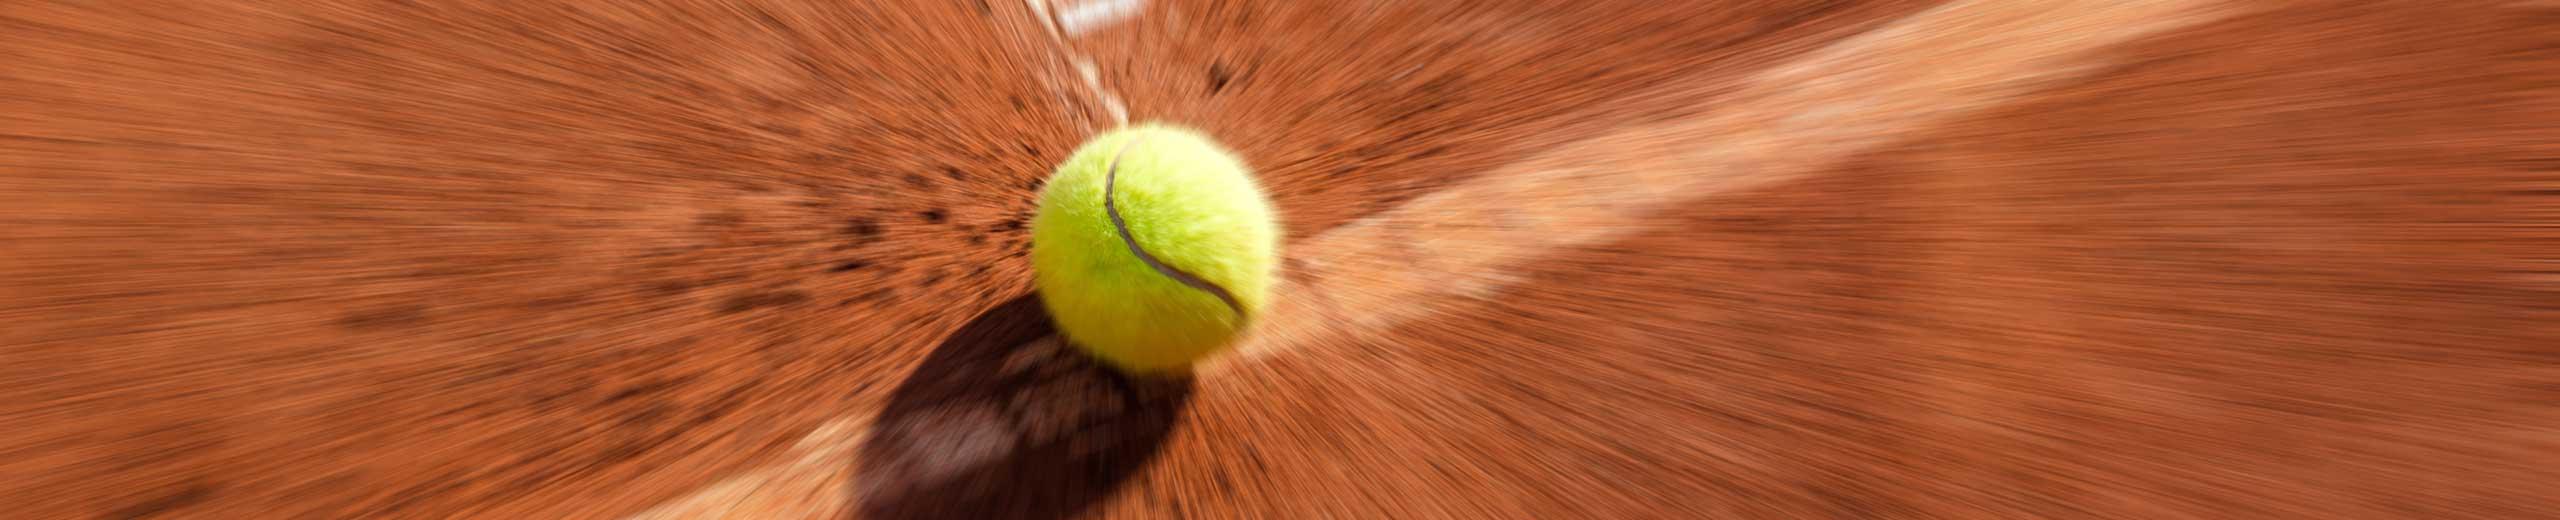 tennisball-stg-geroksruhe